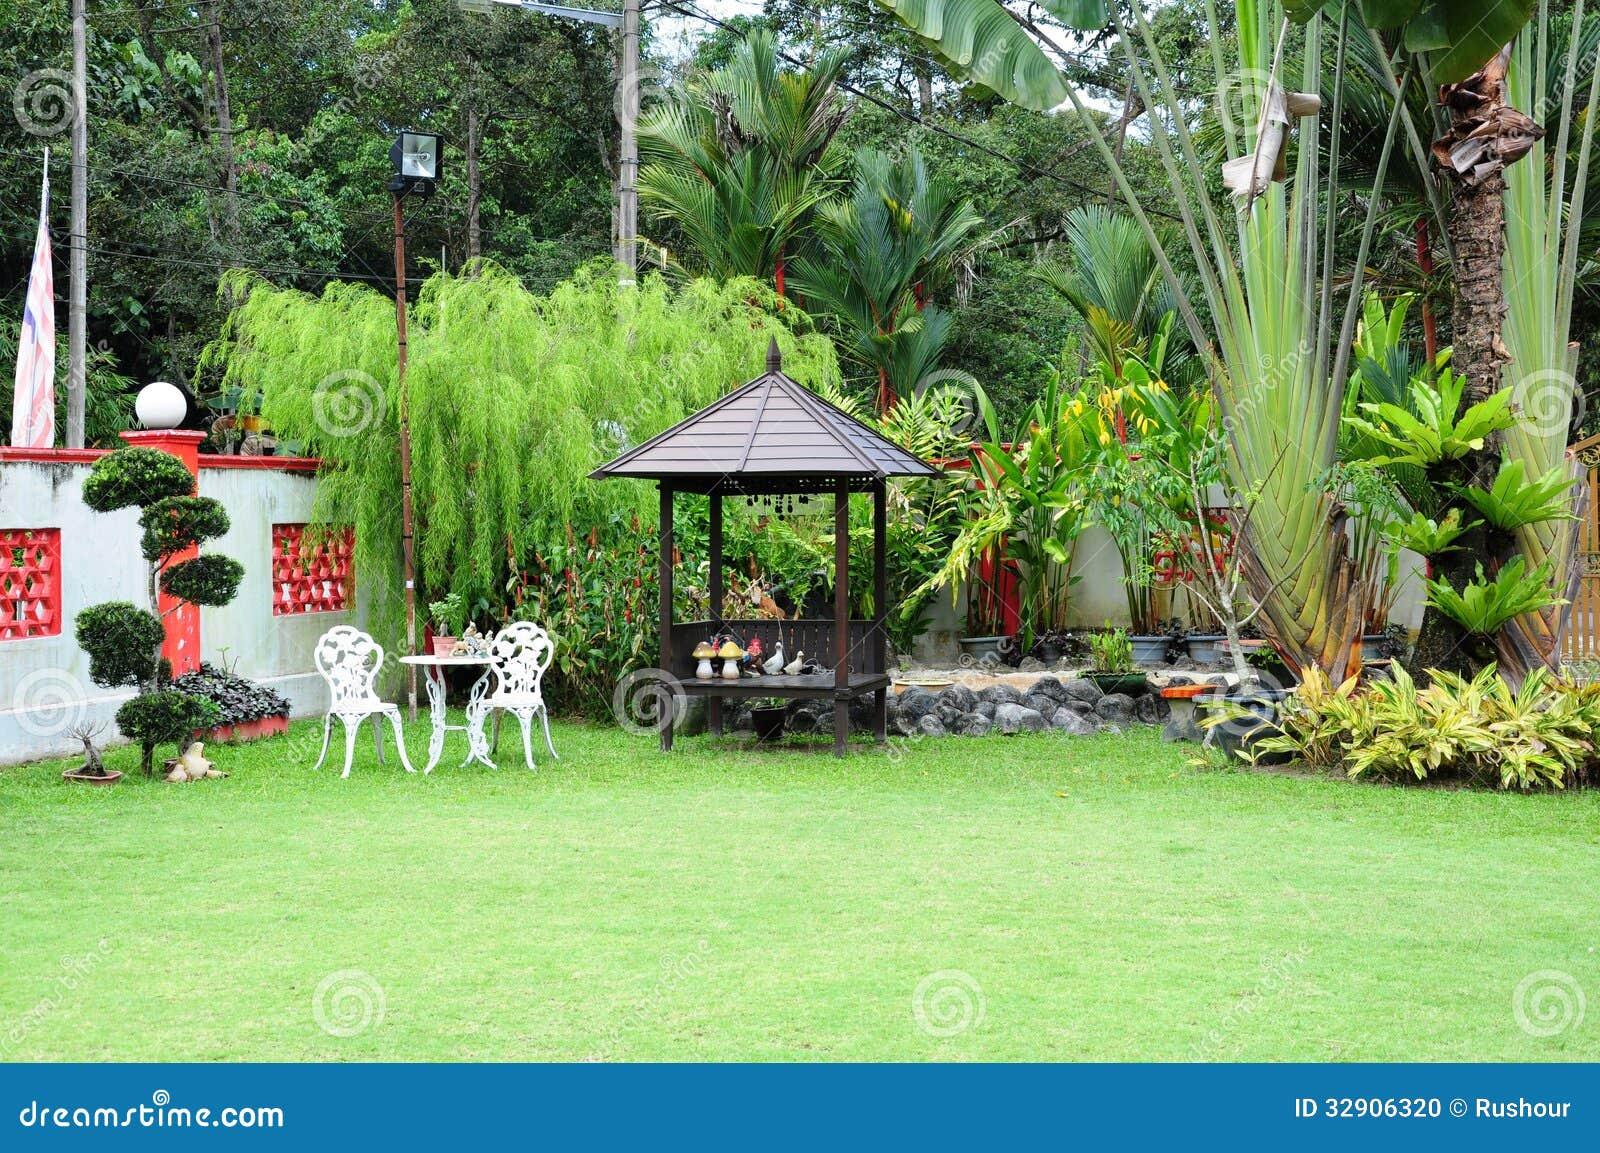 plantas jardim tropical:Jardim Tropical Foto de Stock – Imagem: 32906320